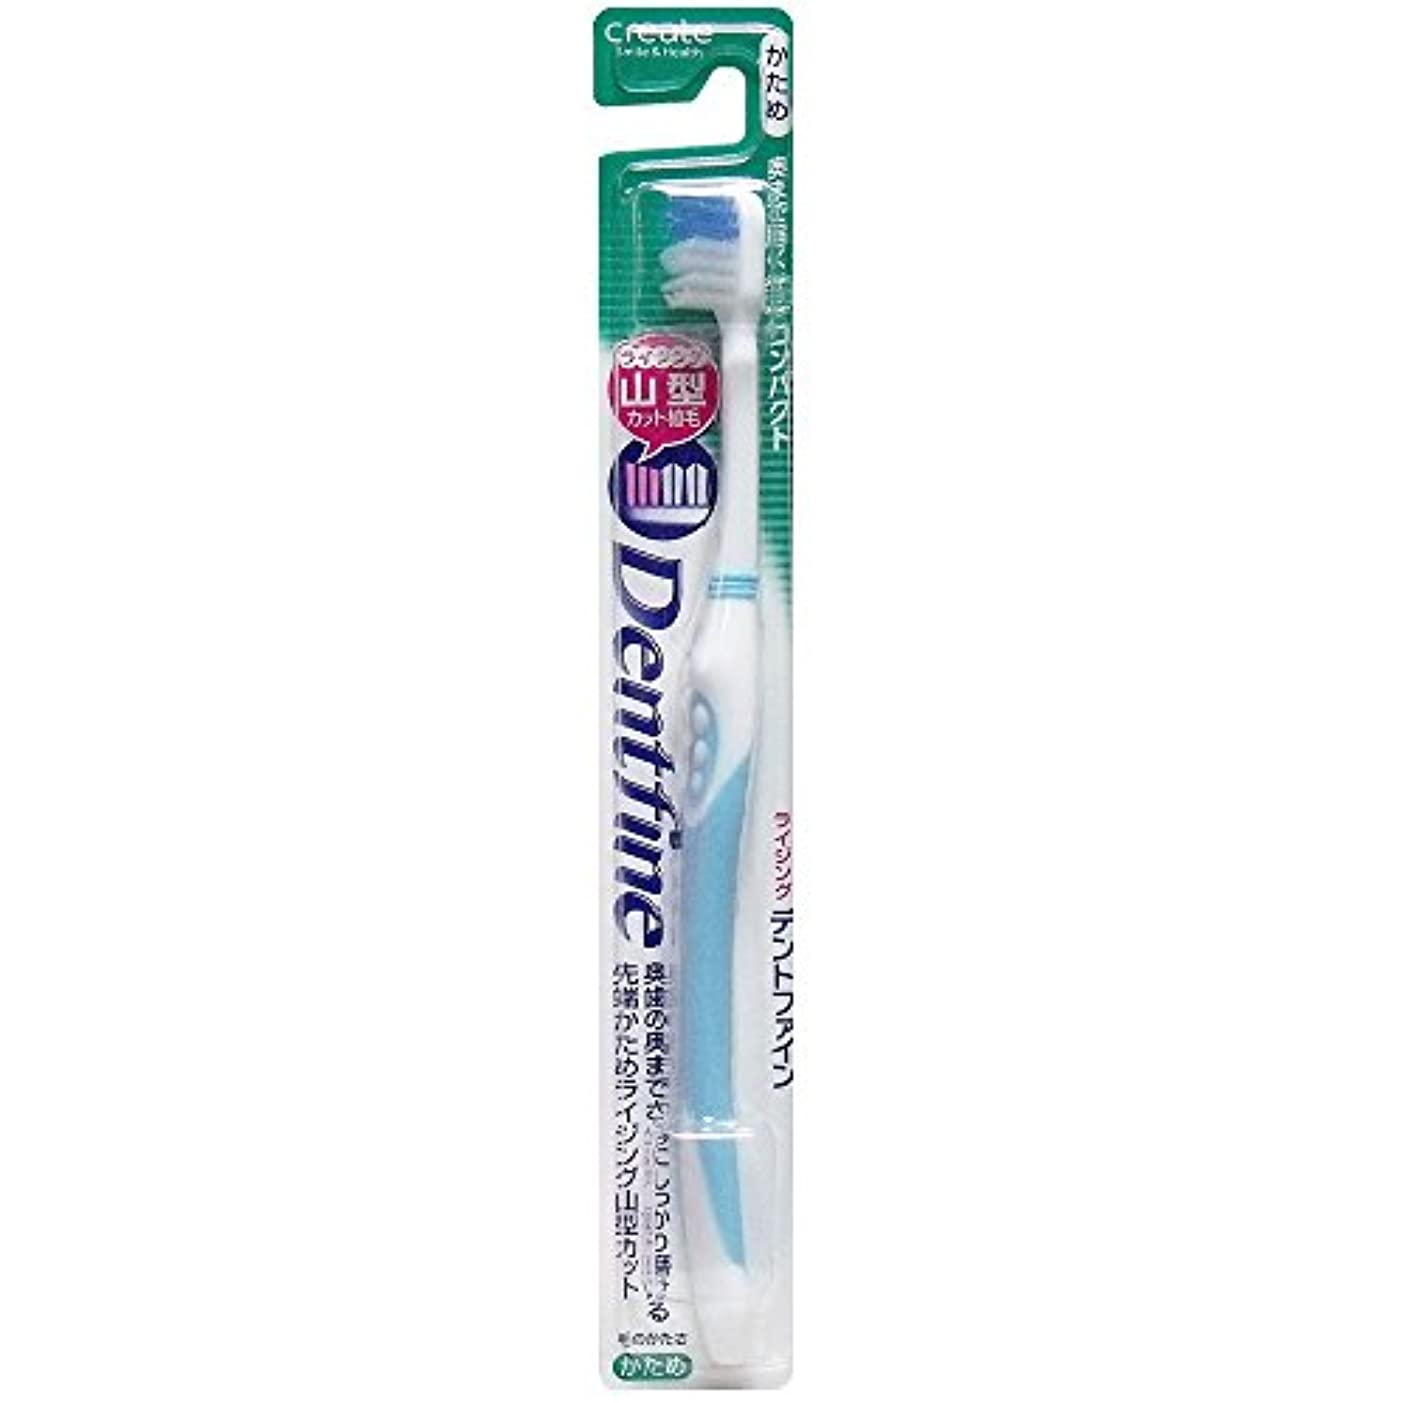 無謀フルーツ野菜雄弁デントファイン ピュアスタイル 山切りカット 歯ブラシ かため 1本:ブルー